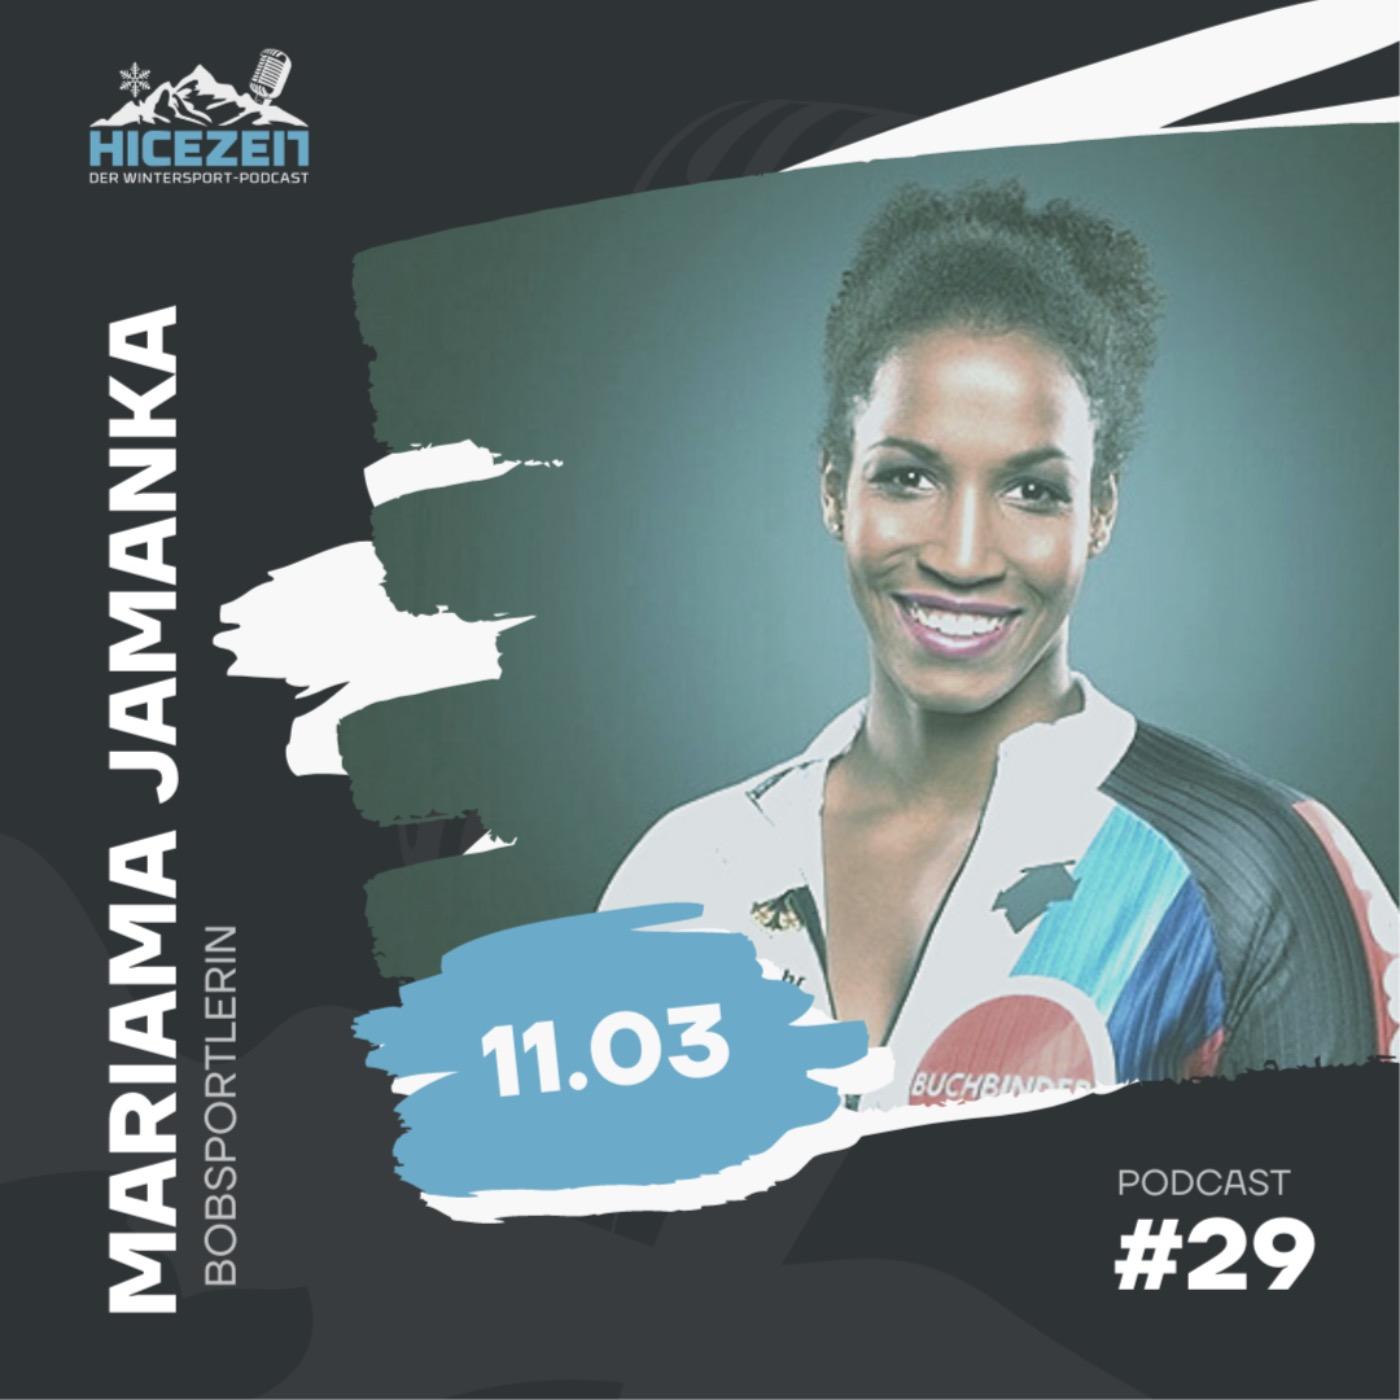 Mariama Jamanka, Bobsportlerin, Der Wintersport-Podcast Folge 29